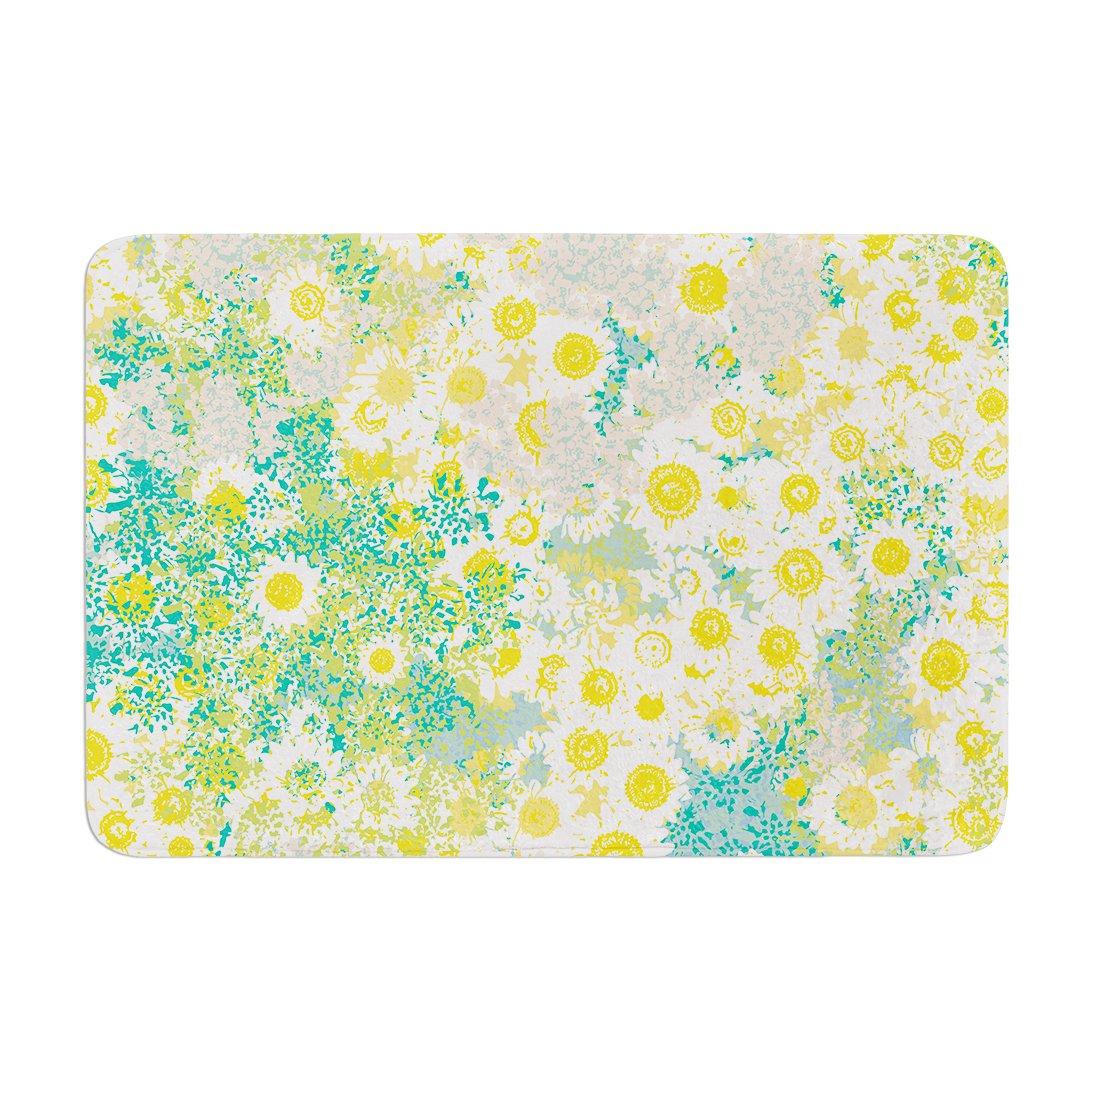 17 by 24 Kess InHouse Kathryn Pledger Myatts Meadow Memory Foam Bath Mat